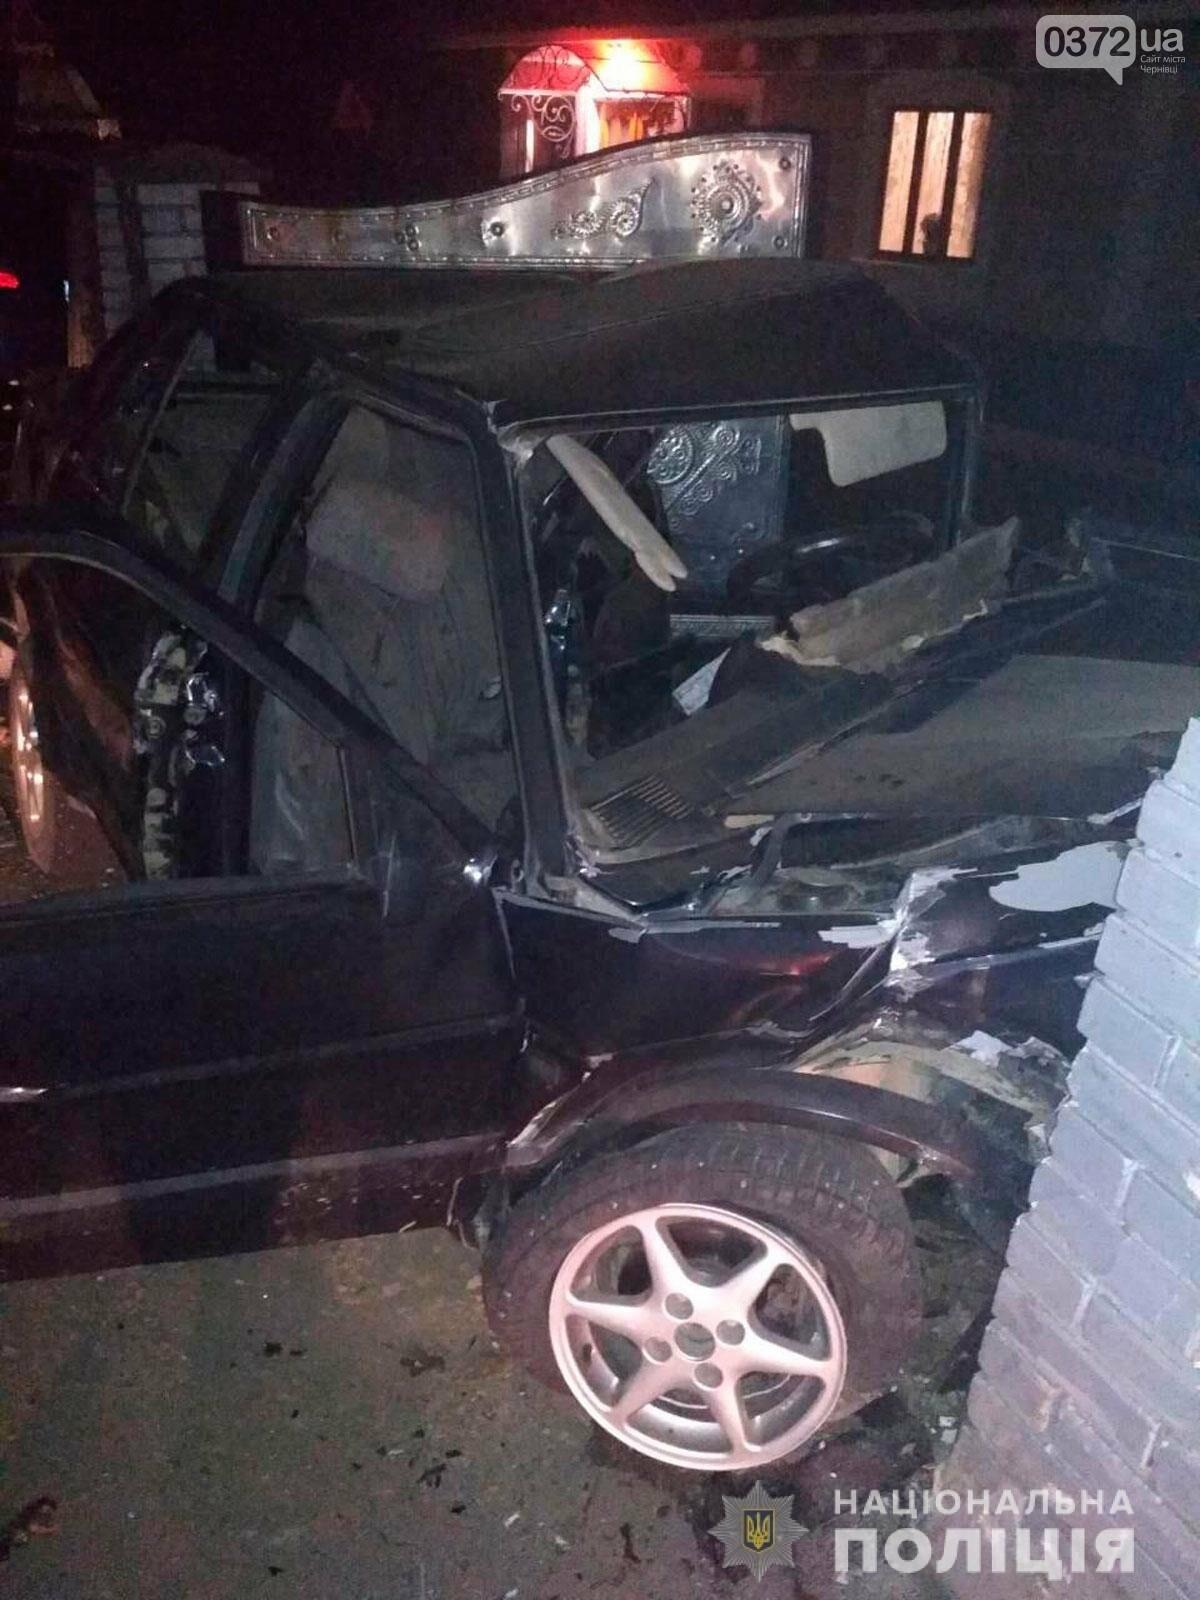 Внаслідок нічної ДТП на Буковині загинув чоловік: на перехресті доріг зіткнулись два автомобіля, фото-3